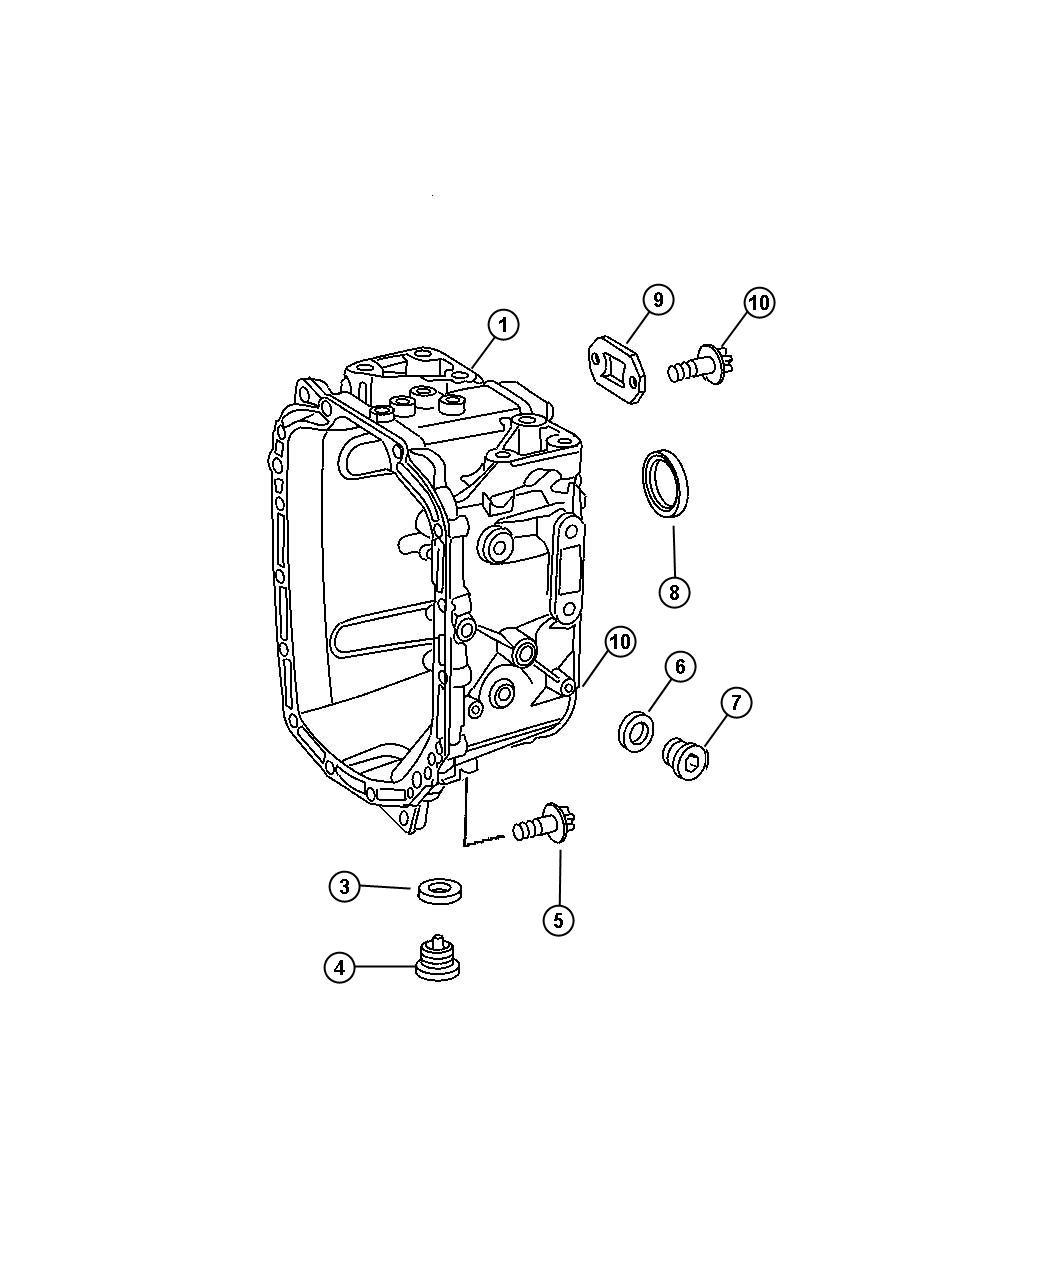 Dodge Ram Detent Shift Rail